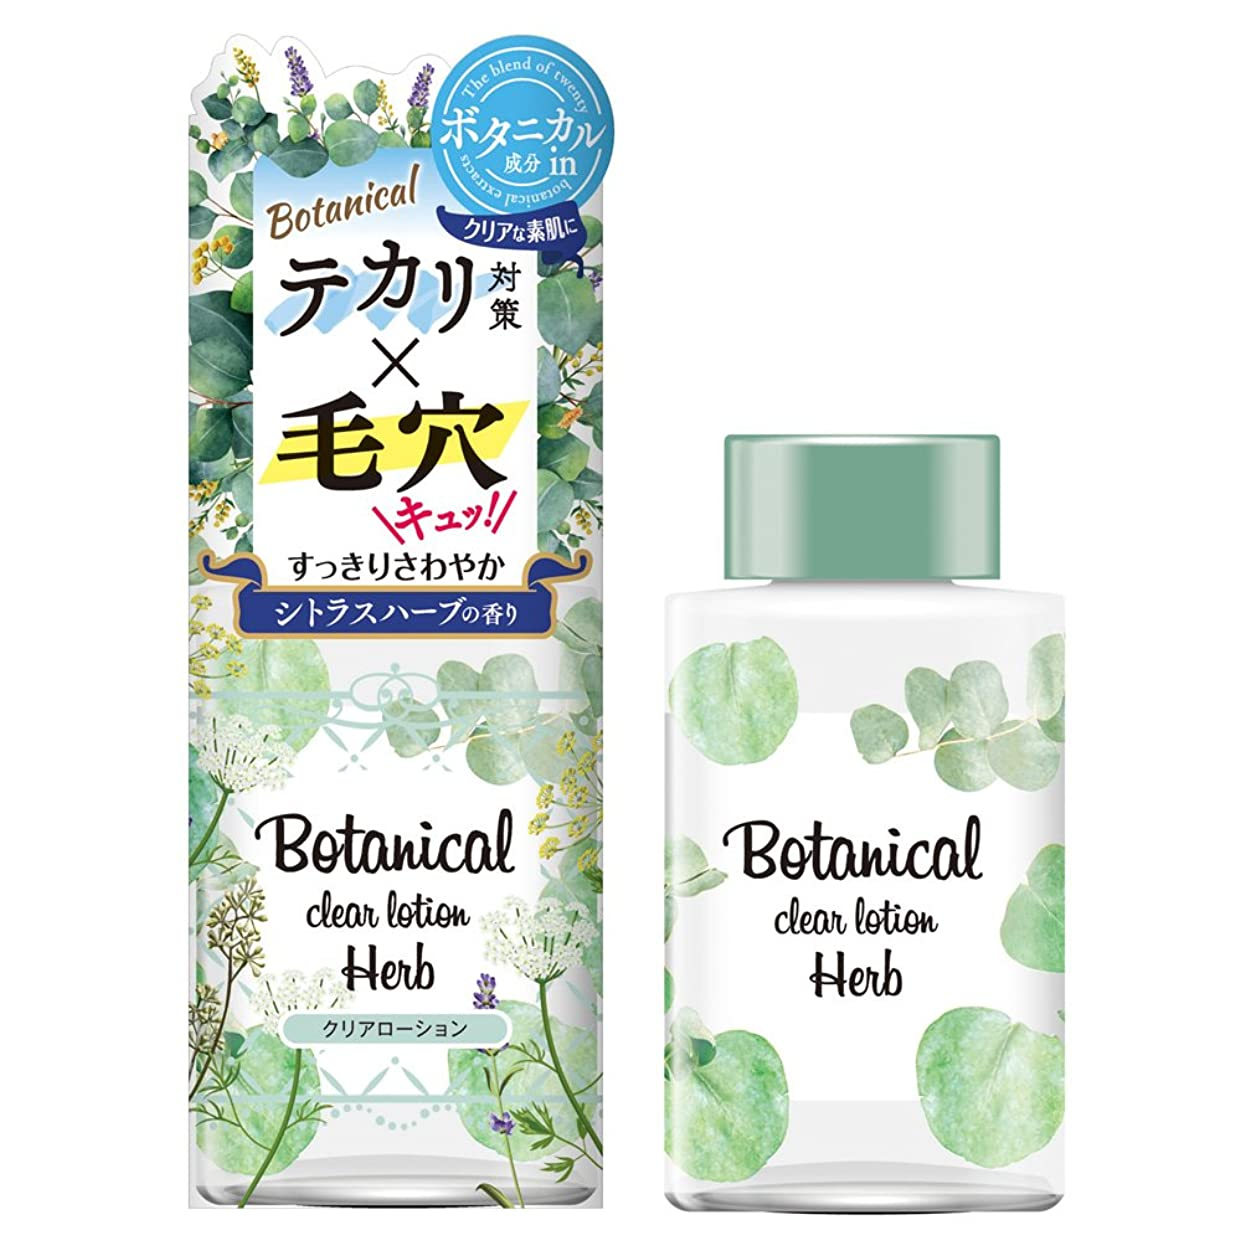 アミューズメント悪化する強度ボタニカル クリアローション シトラスハーブの香り